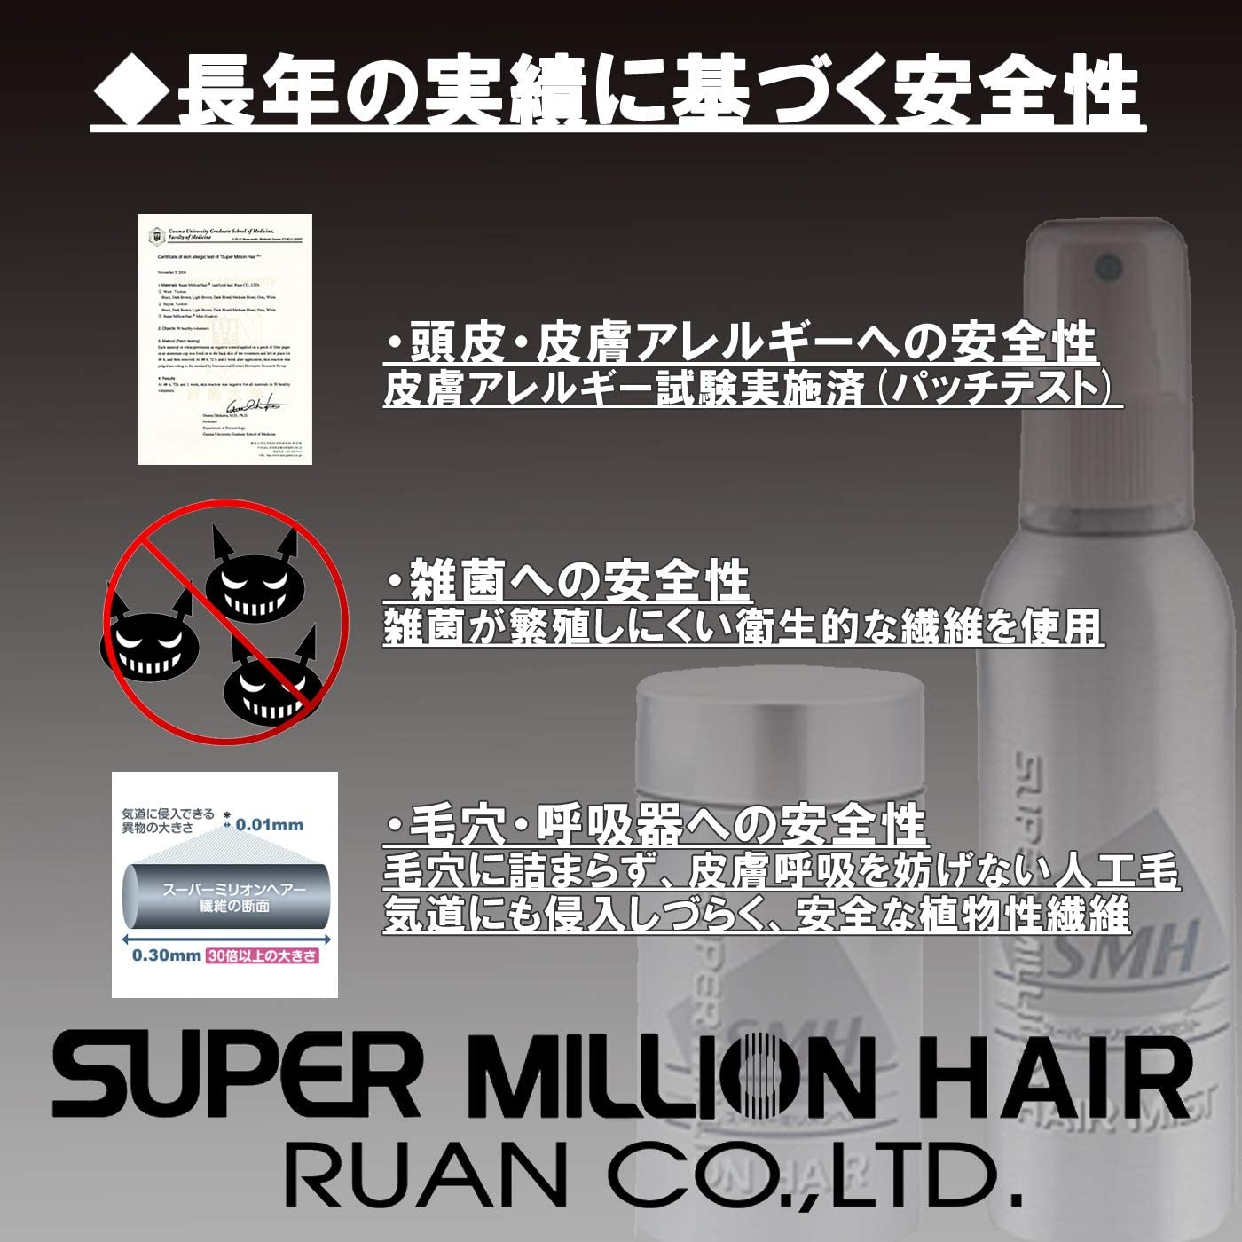 SUPER MILLION HAIR(スーパーミリオンヘアー) スーパーミリオンヘアーの商品画像7